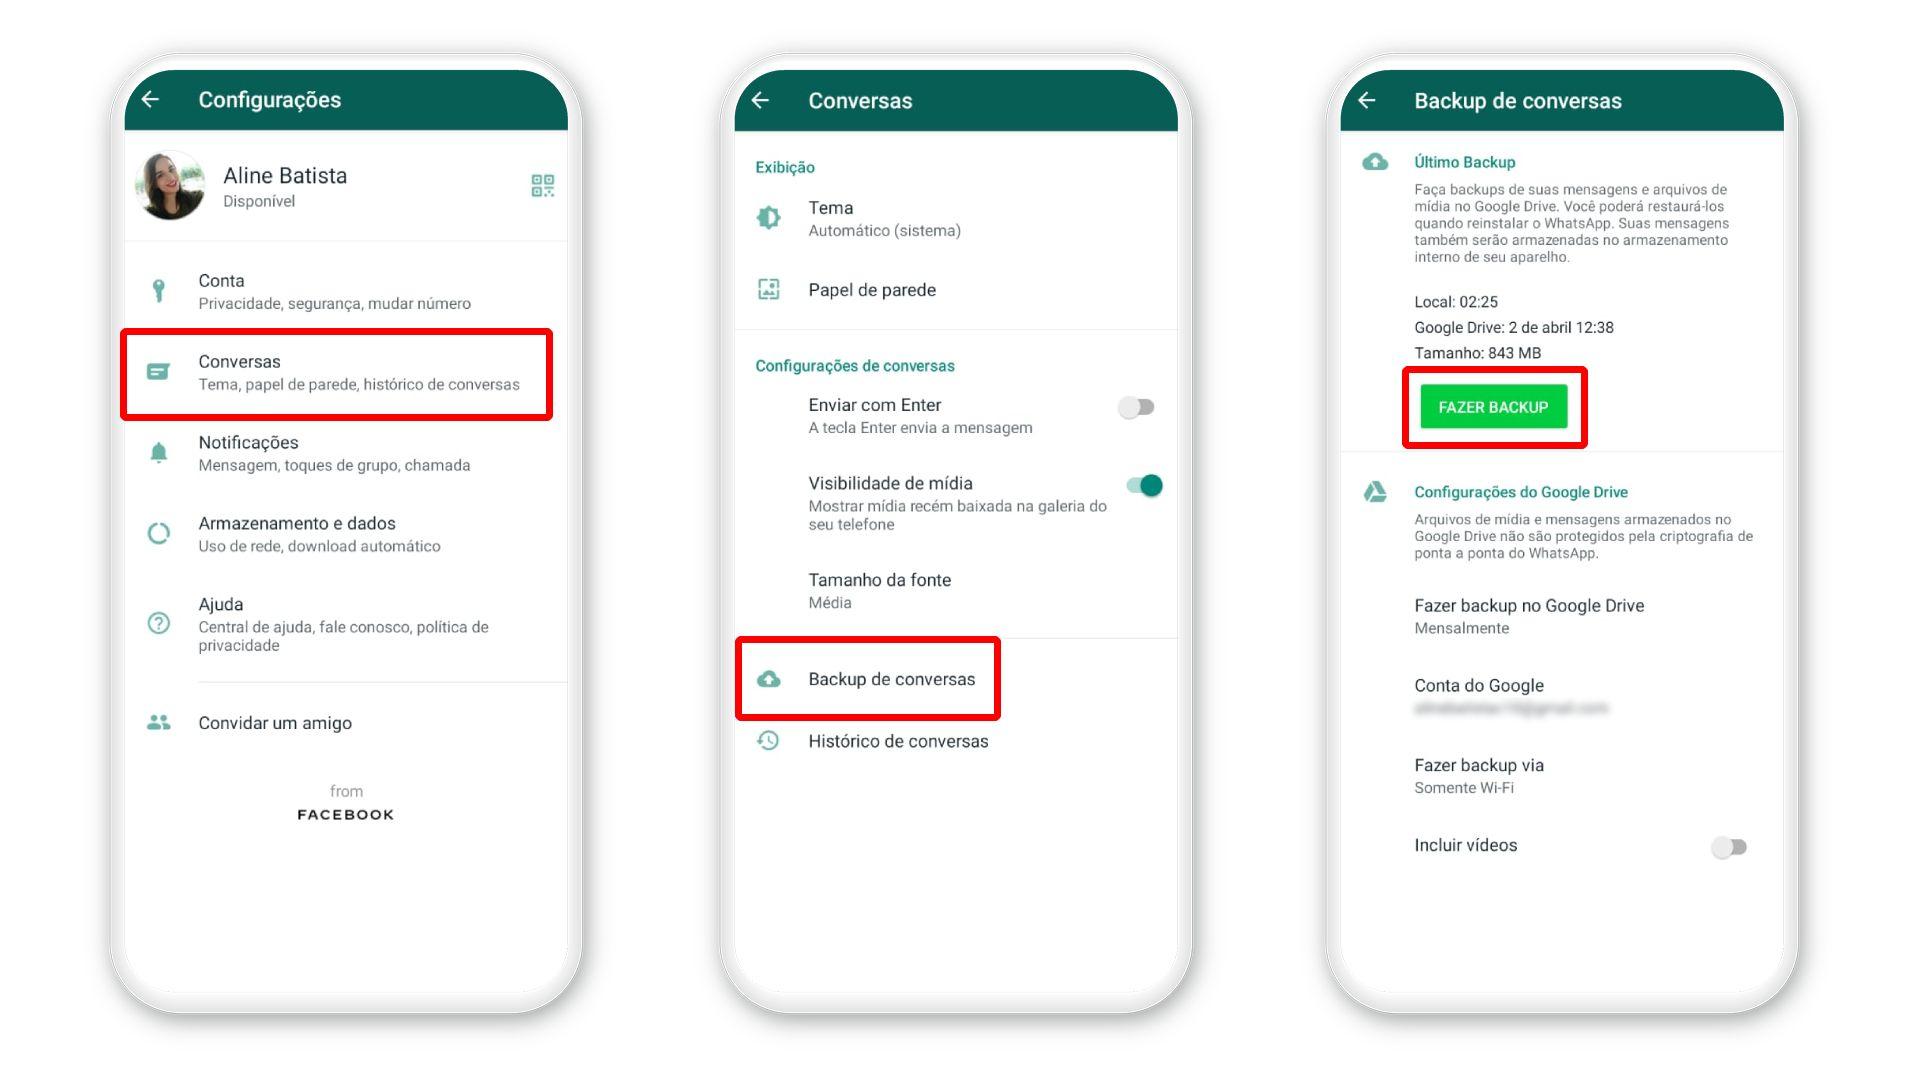 Como recuperar mensagens apagadas do WhatsApp: procedimento para fazer backup no Android (Foto: Reprodução/Zoom)